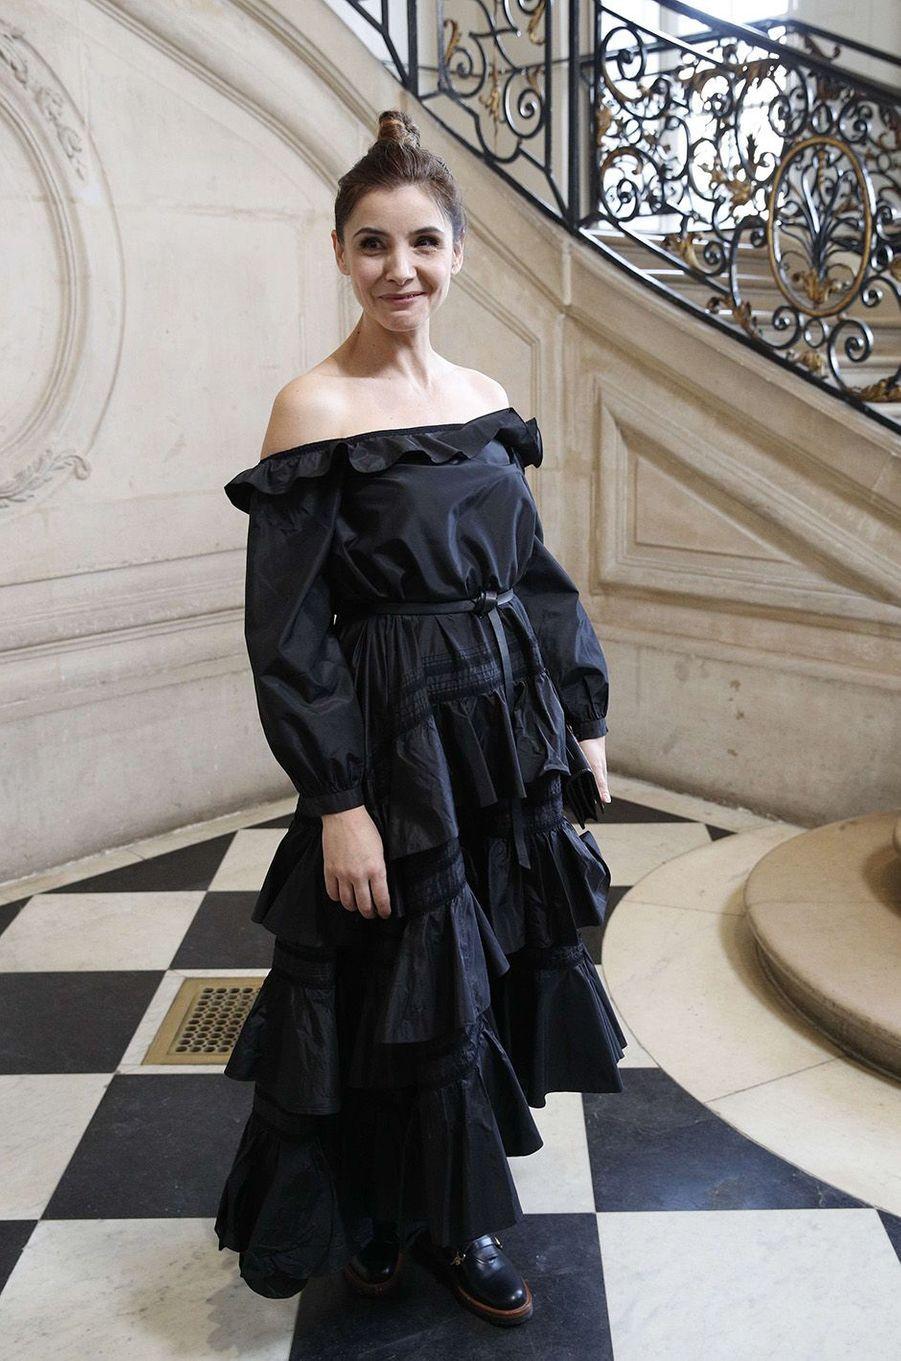 Clotilde Courauau défilé Christian Dior au musée Rodin, à Paris, le 22 janvier 2018.